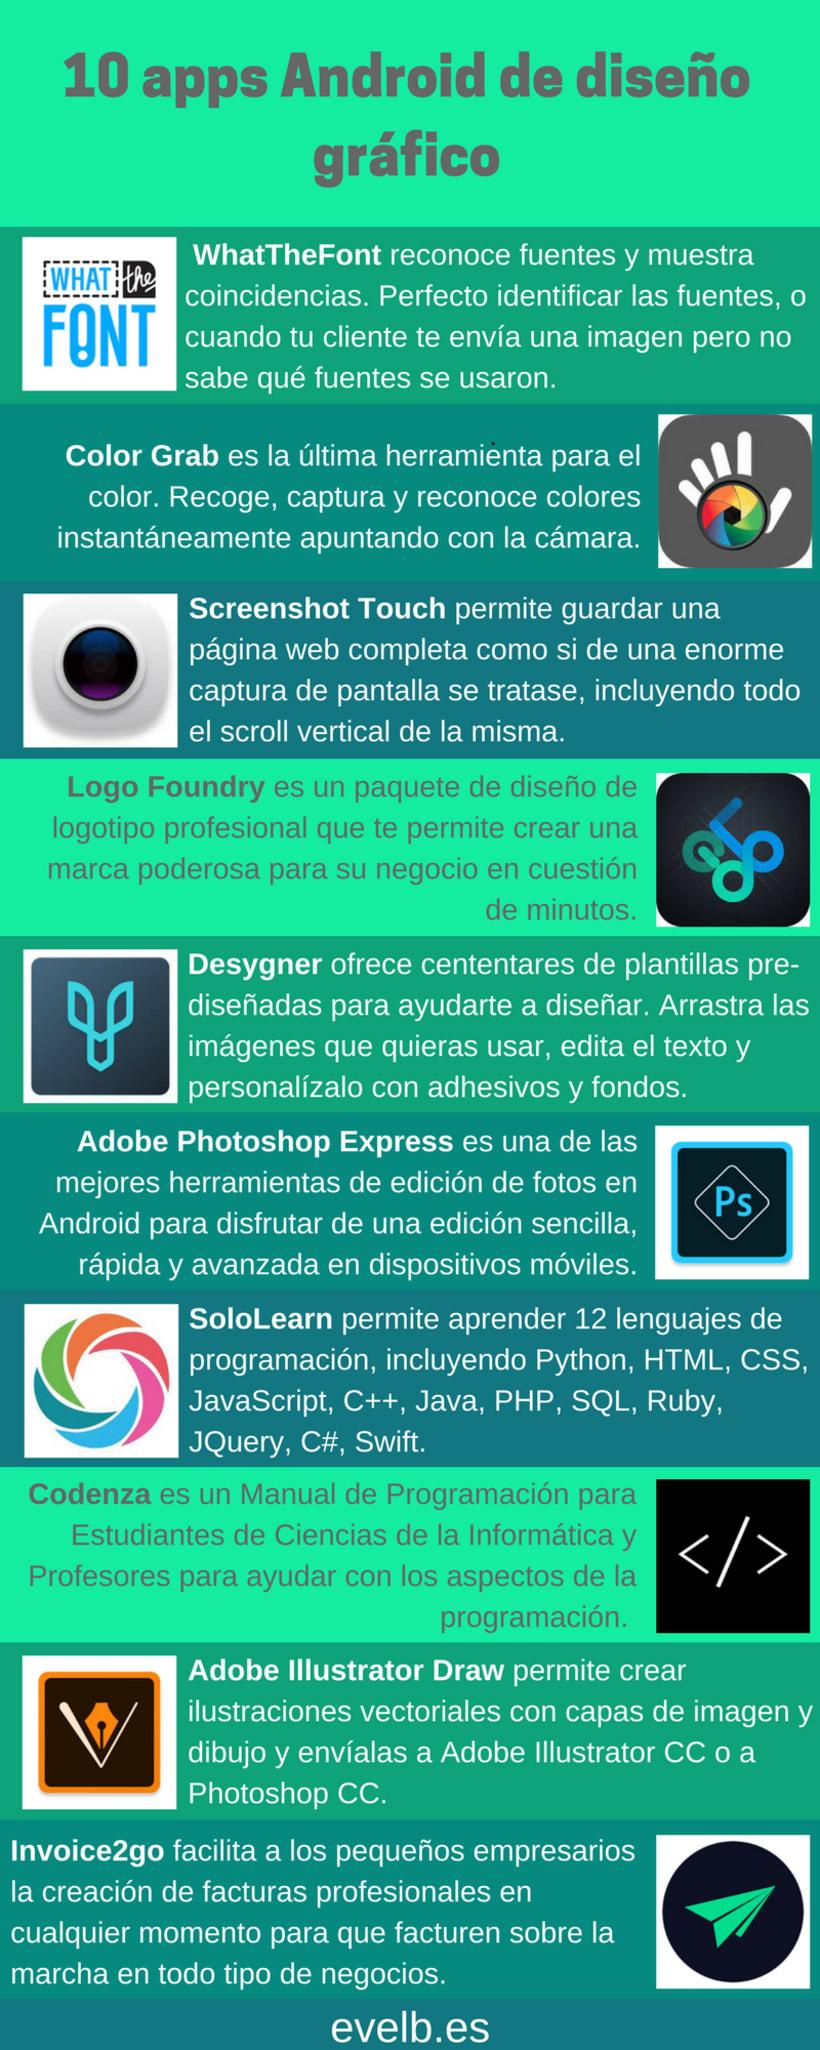 Infografías evelb.es 3